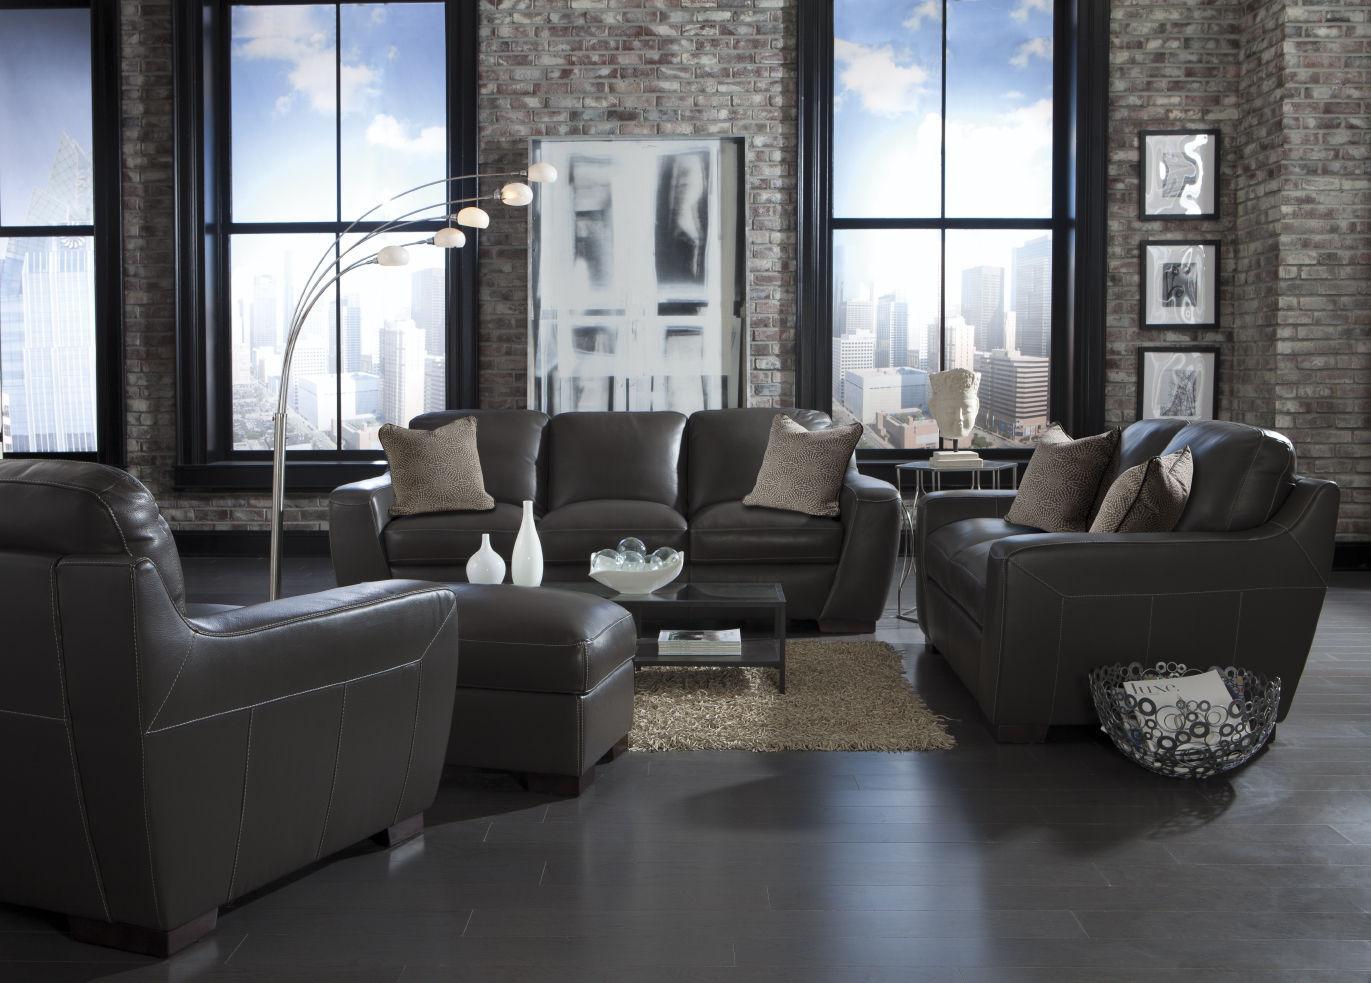 Alpha Stationary Living Room Group by Simon Li at Dean Bosler's